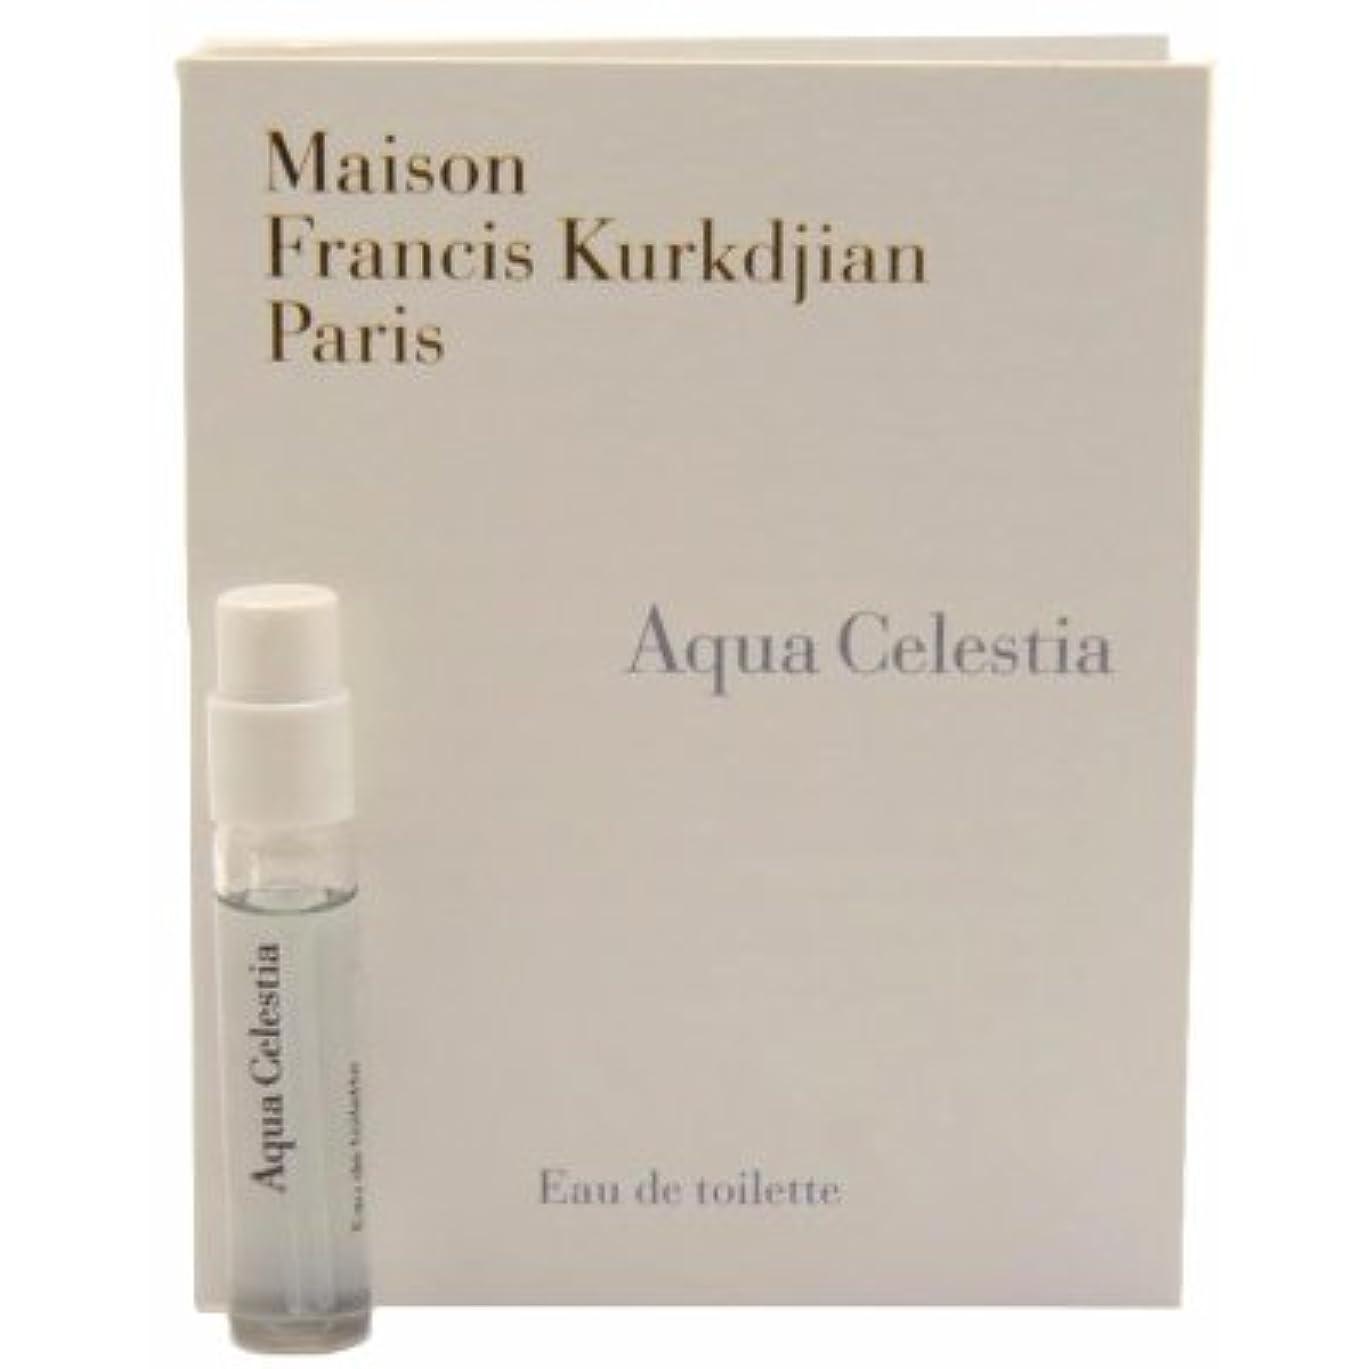 他のバンドで差家事Maison Francis Kurkdjian Aqua Celestia EDT Vial Sample 2ml(メゾン フランシス クルジャン アクア セレスティア オードトワレ 2ml)[海外直送品] [並行輸入品]